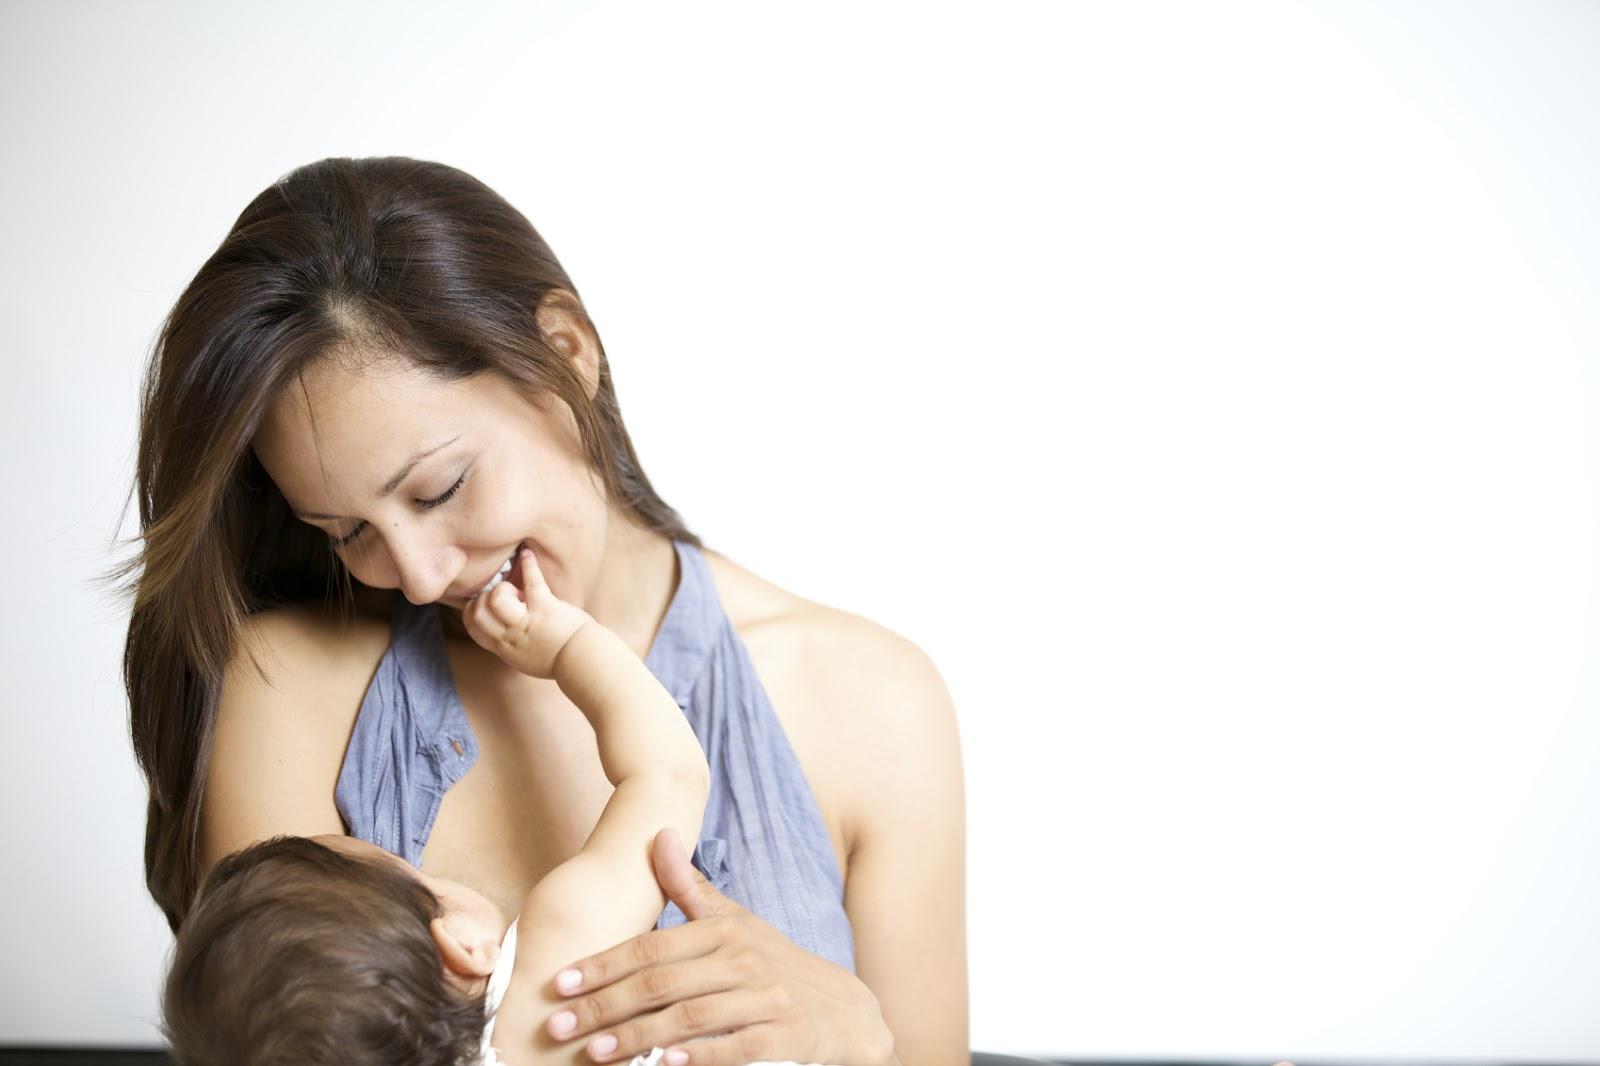 manfaat-kurma-untuk-ibu-menyusui